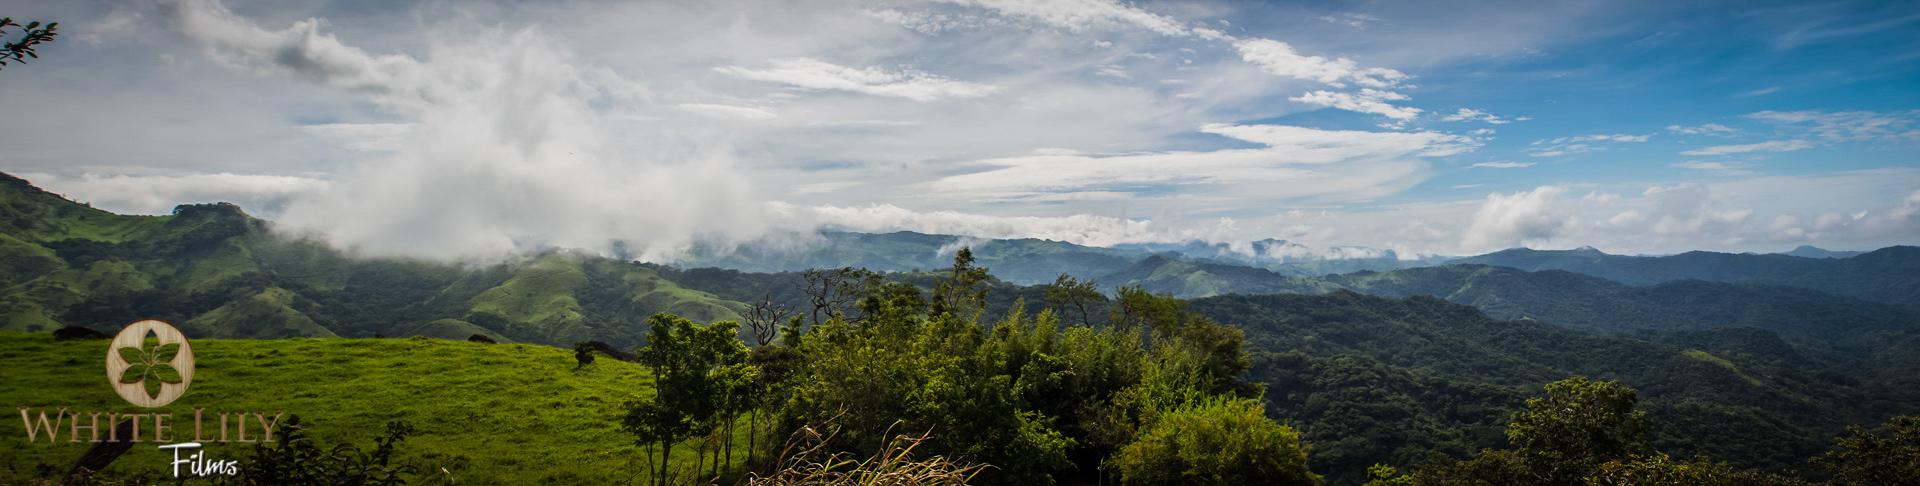 Cloud Forest_BLOG.jpg